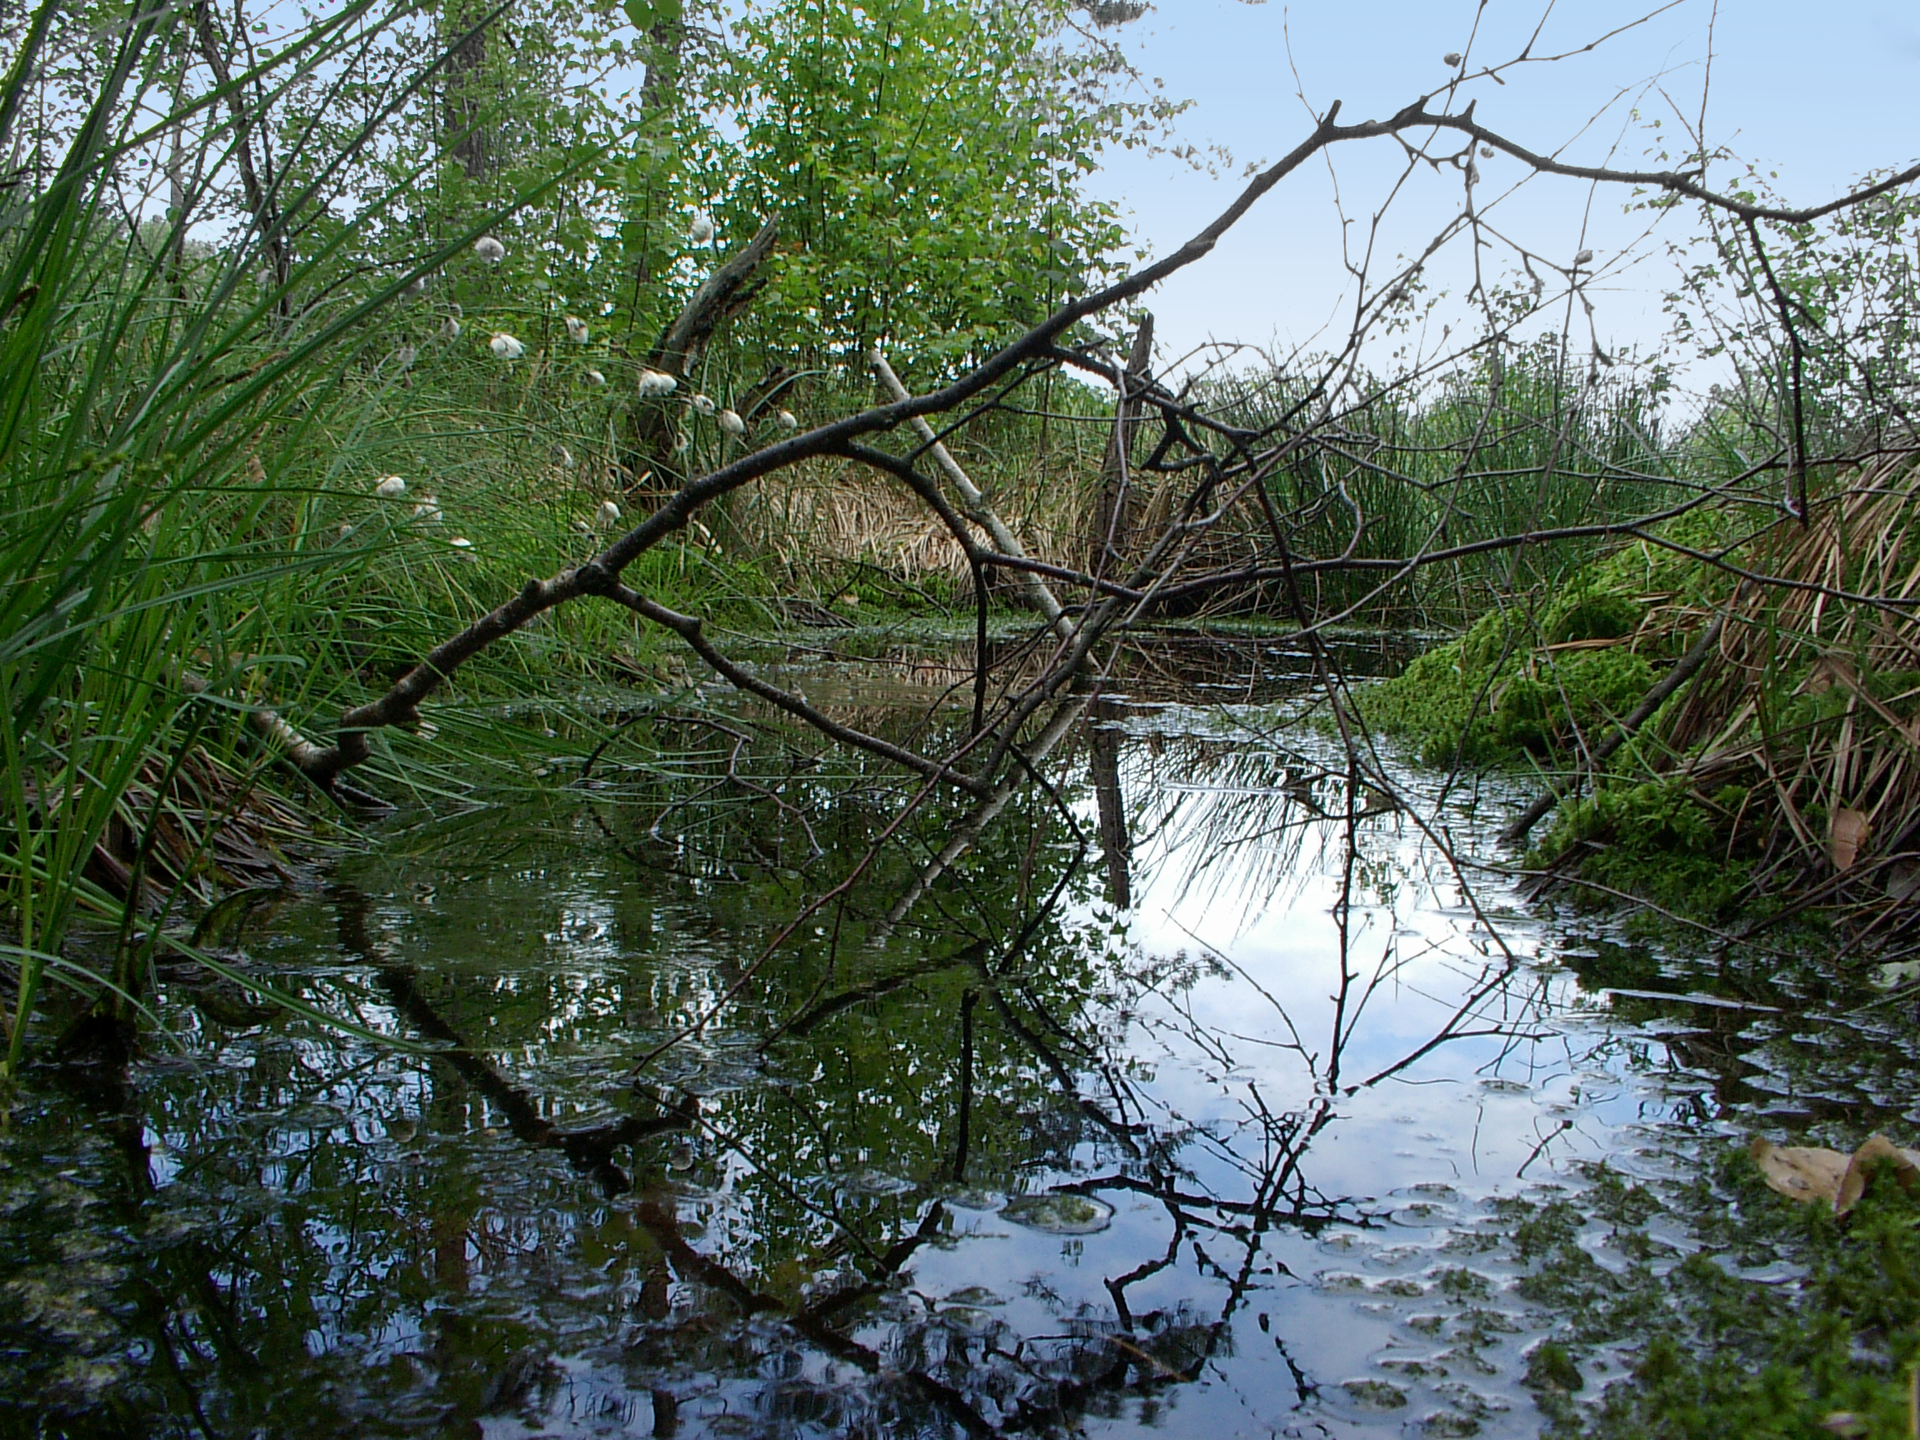 Fotografia przedstawia zalany wodą obszar. Zwisa nad nim uschnięta gałąź. Przy wodzie rosną drzewa igęsta roślinność przybrzeżna. To rezerwat Torfowisko Rąbień wwojewództwie łódzkim.